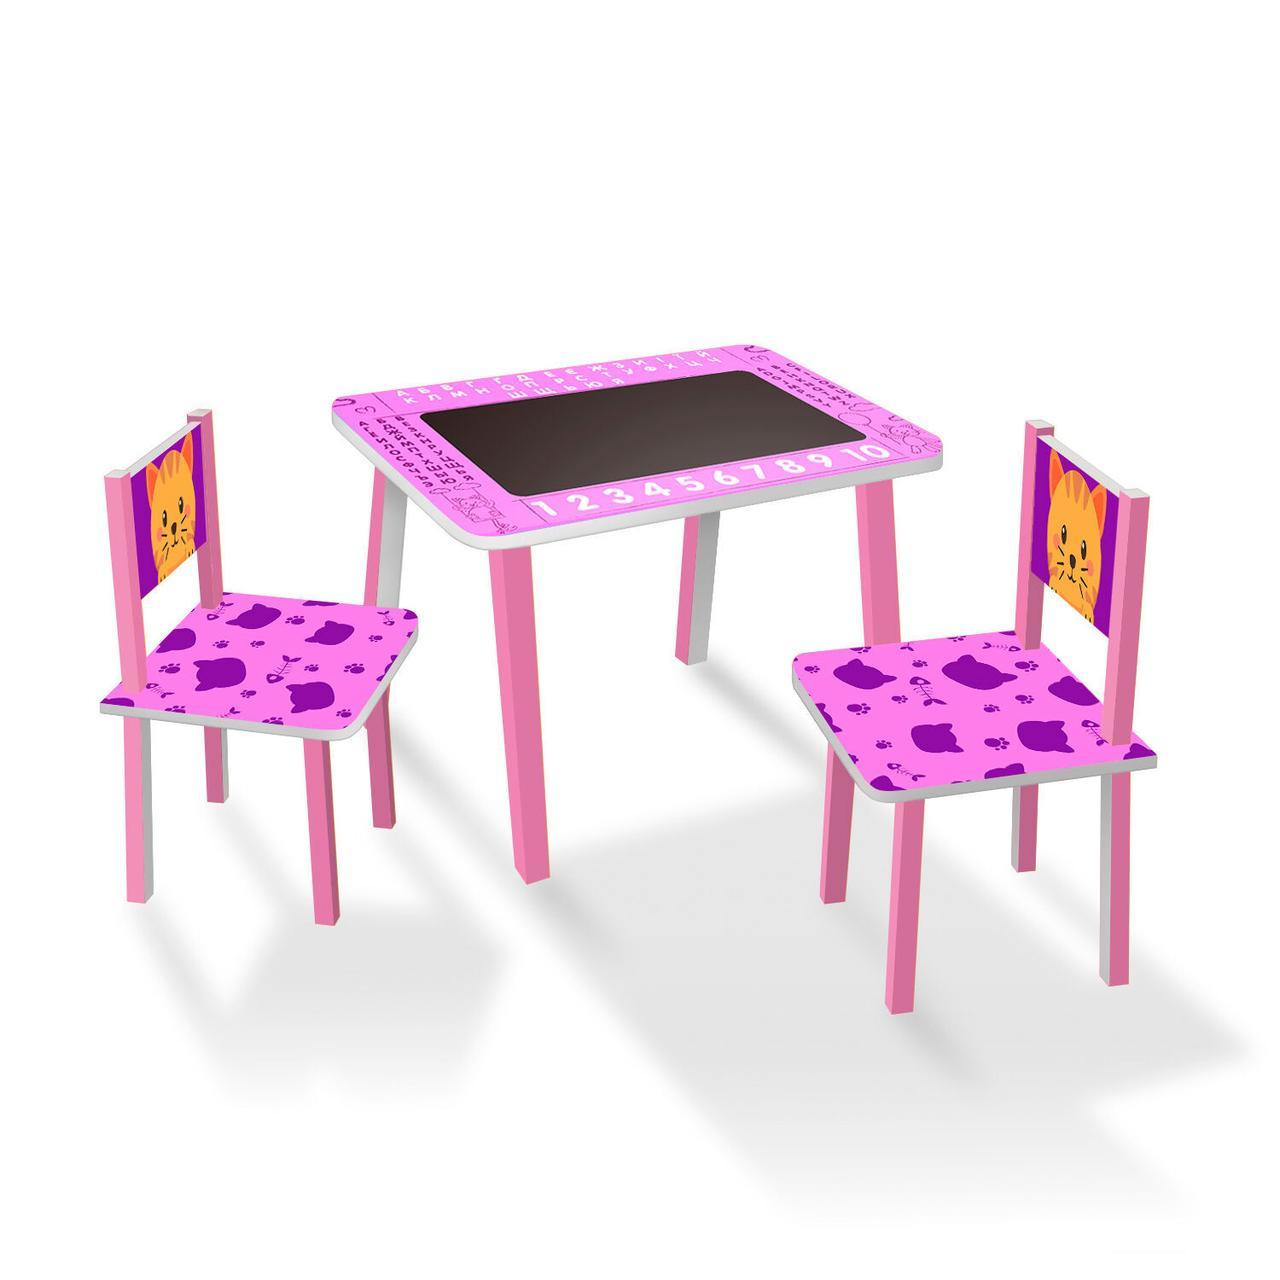 Набор детской мебели (столик с меловой поверхностью + 2 стульчика) арт. C065